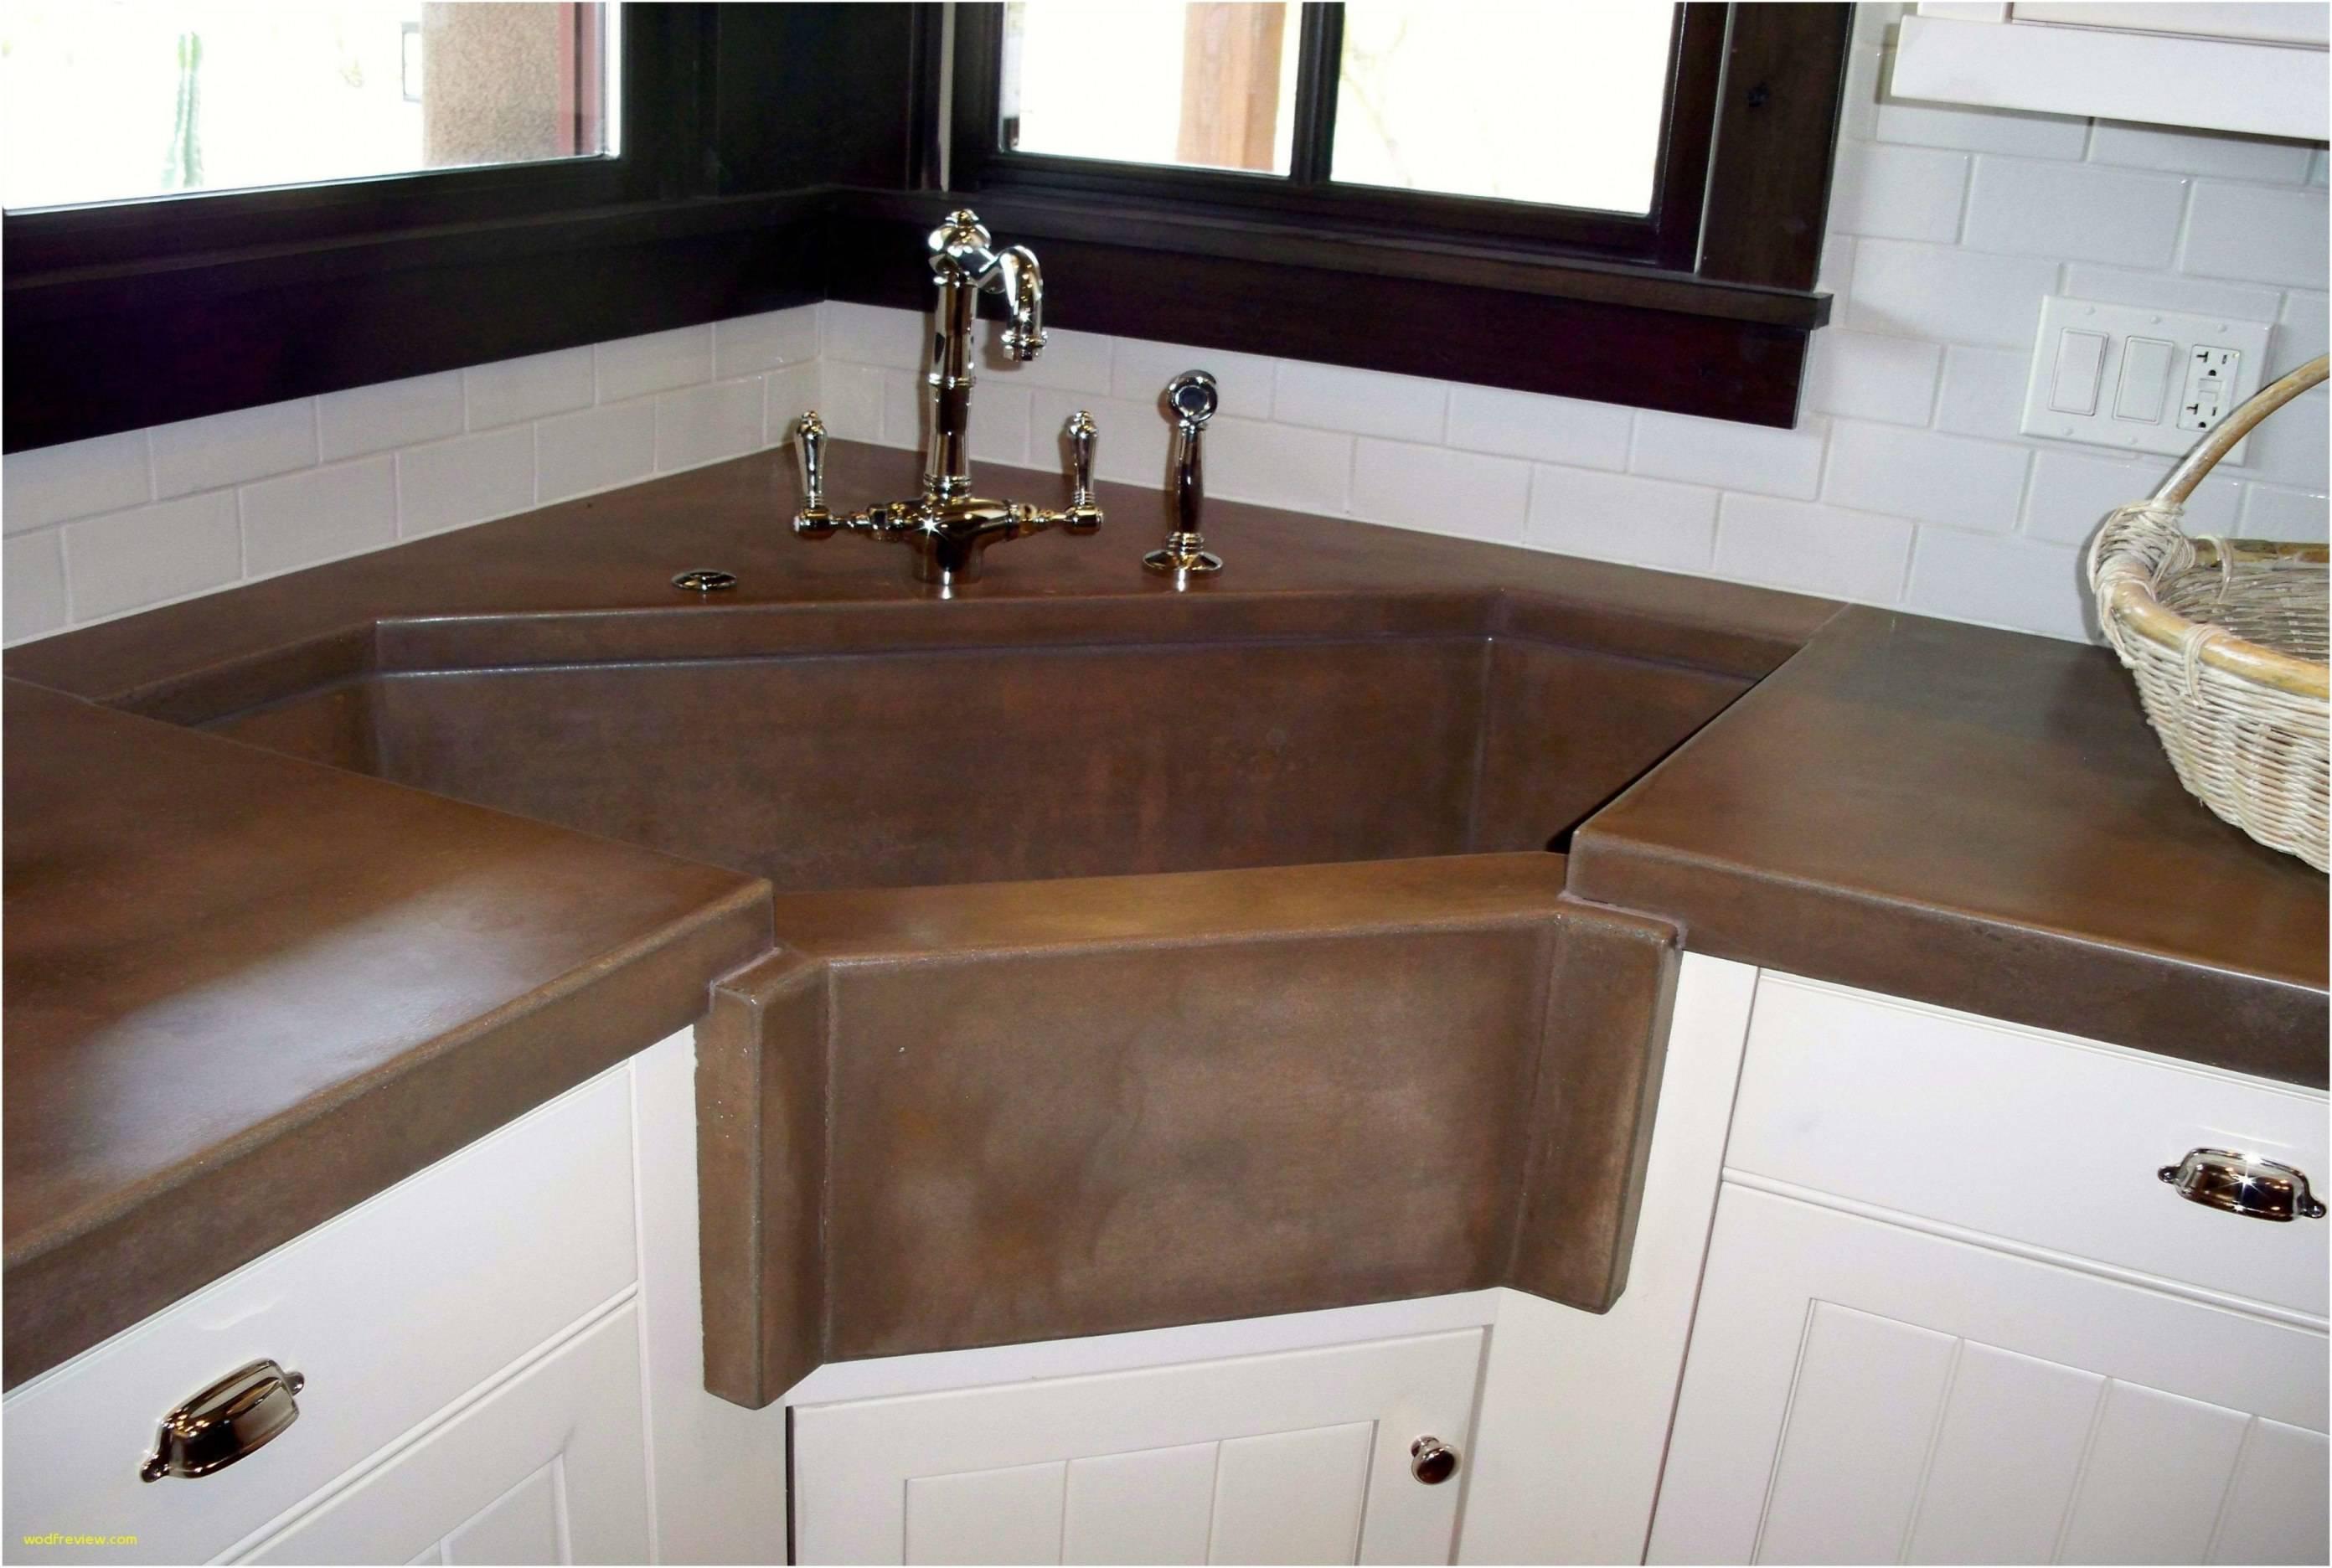 bathroom tiles design agha bathroom and kitchen design agha interiors of bathroom tiles design